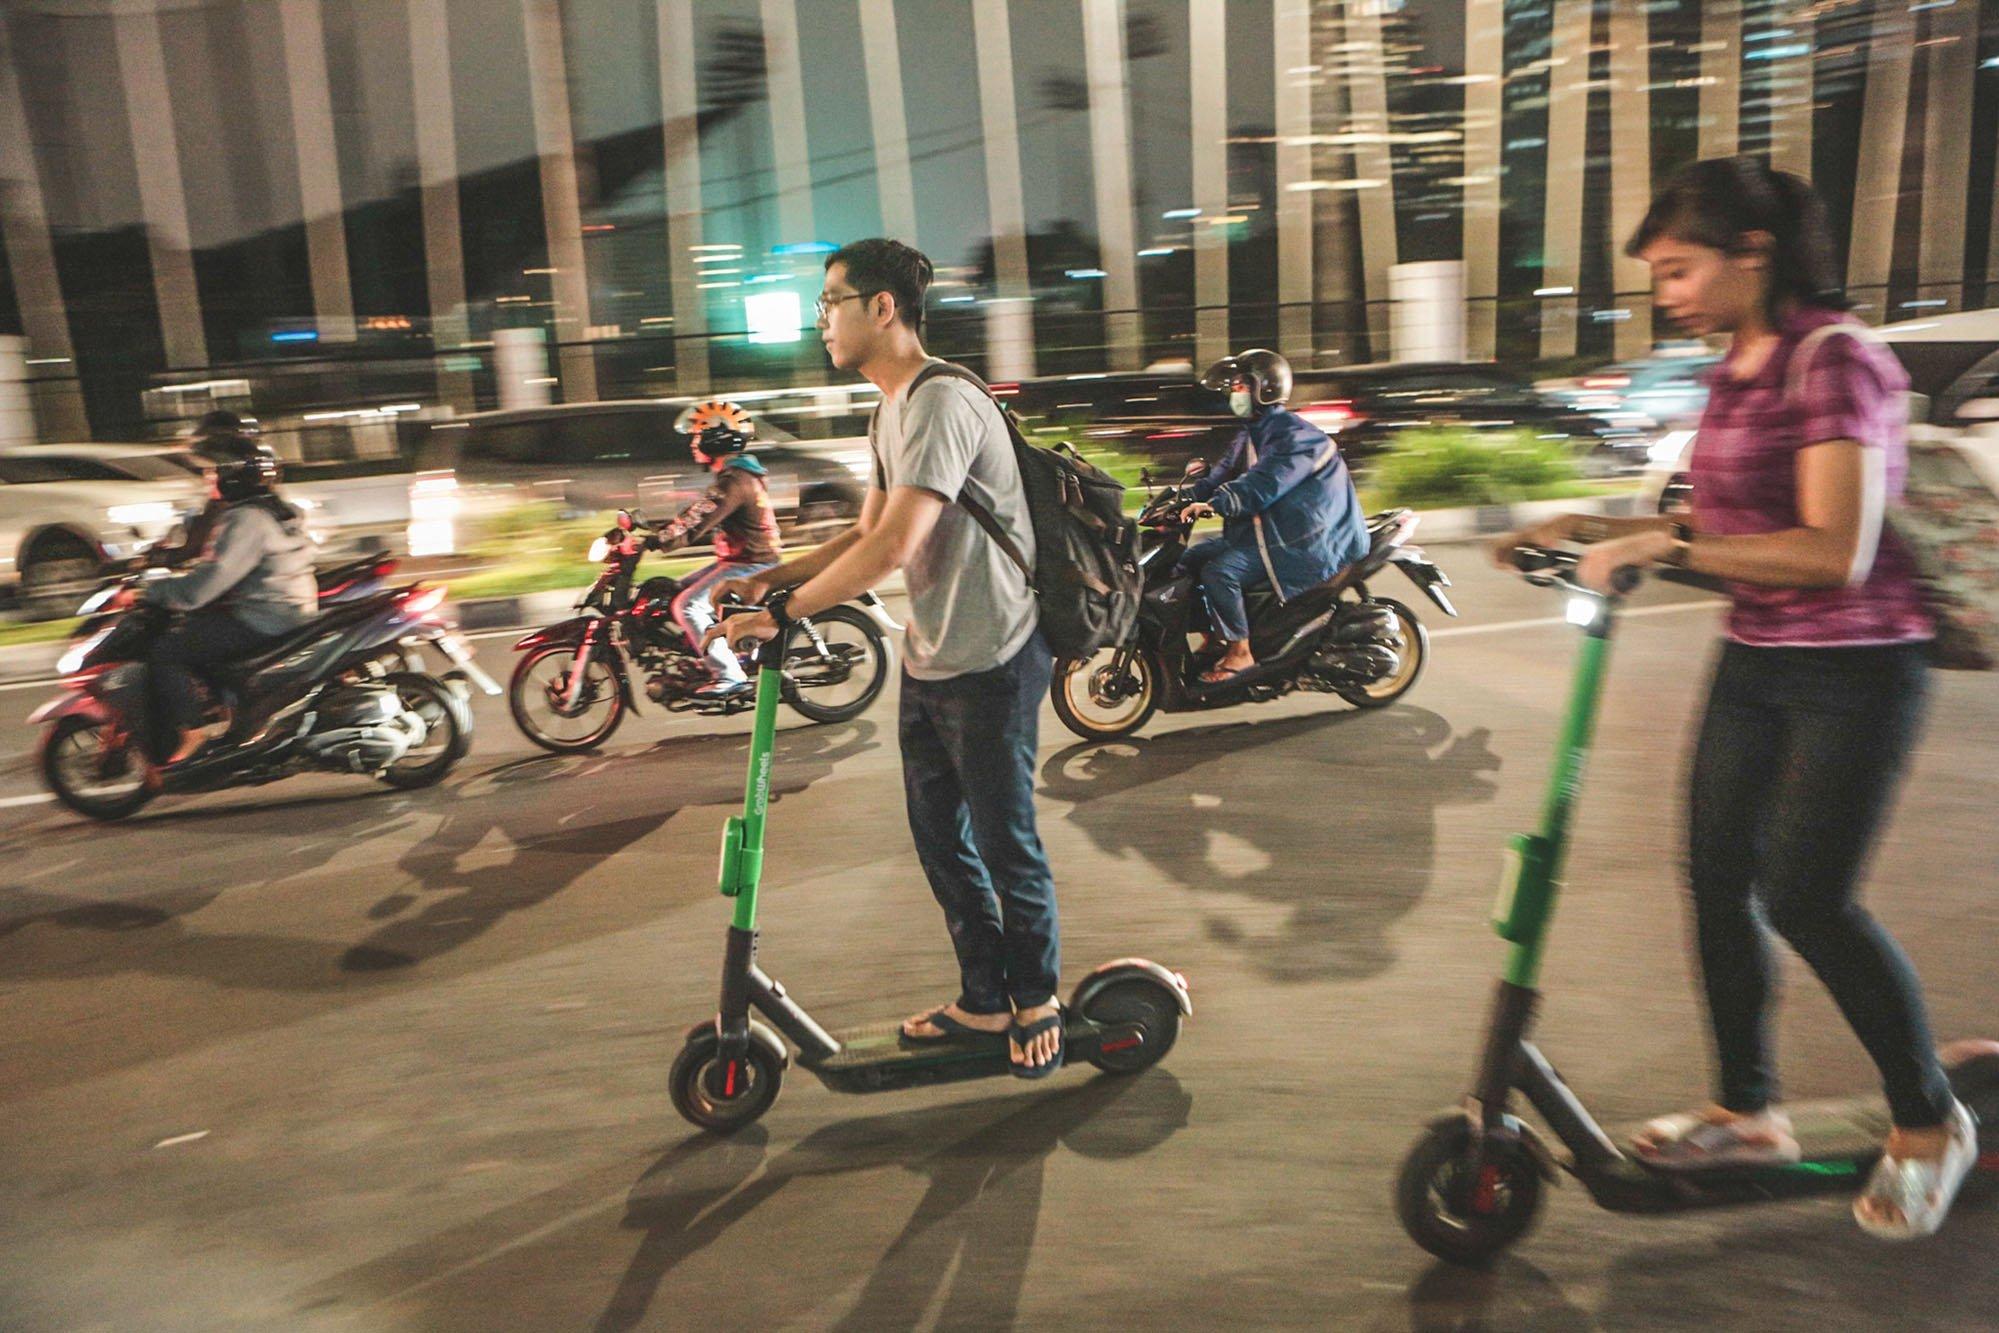 Sejumlah pengguna Grab Wheels di daerah Sudirman, Jakarta (09/11/2019). Perusahaan Grab Indonesia meluncurkan GrabWheels, layanan skuter listrik untuk mobilitas jarak dekat sejak Mei 2019. Kehadiran GrabWheels semakin dikenal. Penggunanya bertambah banyak.